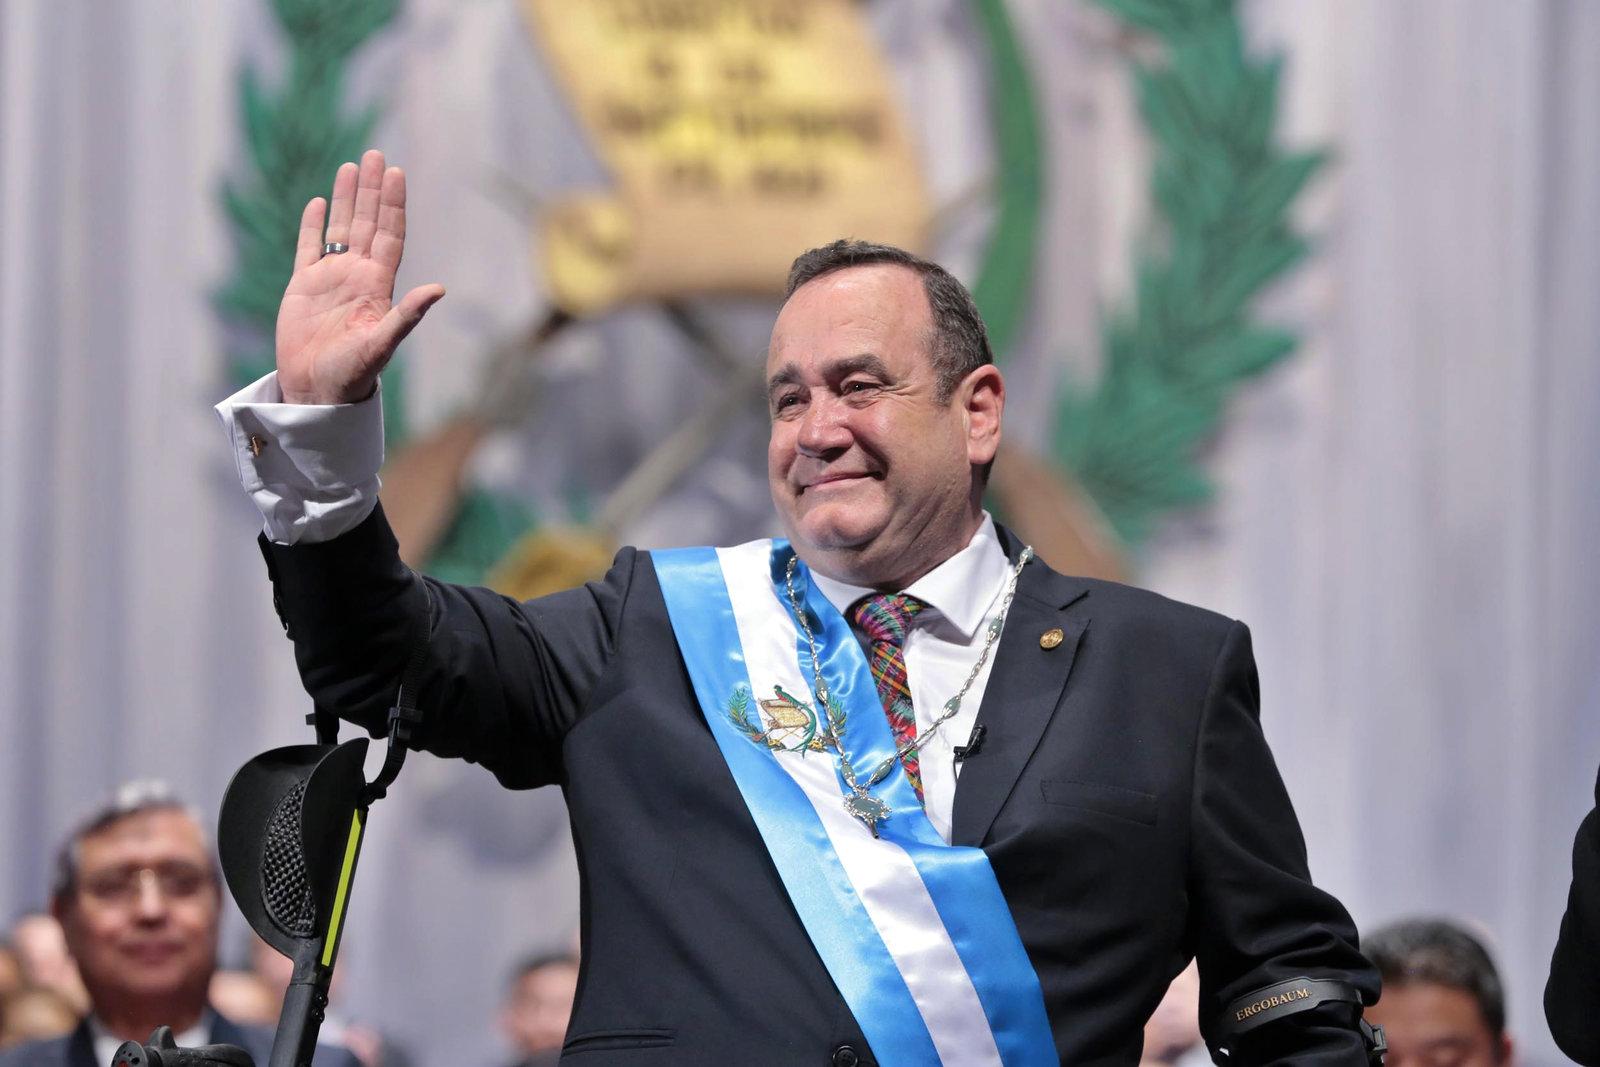 El presidente de Guatemala viajará a Colombia para reunión oficial con Duque